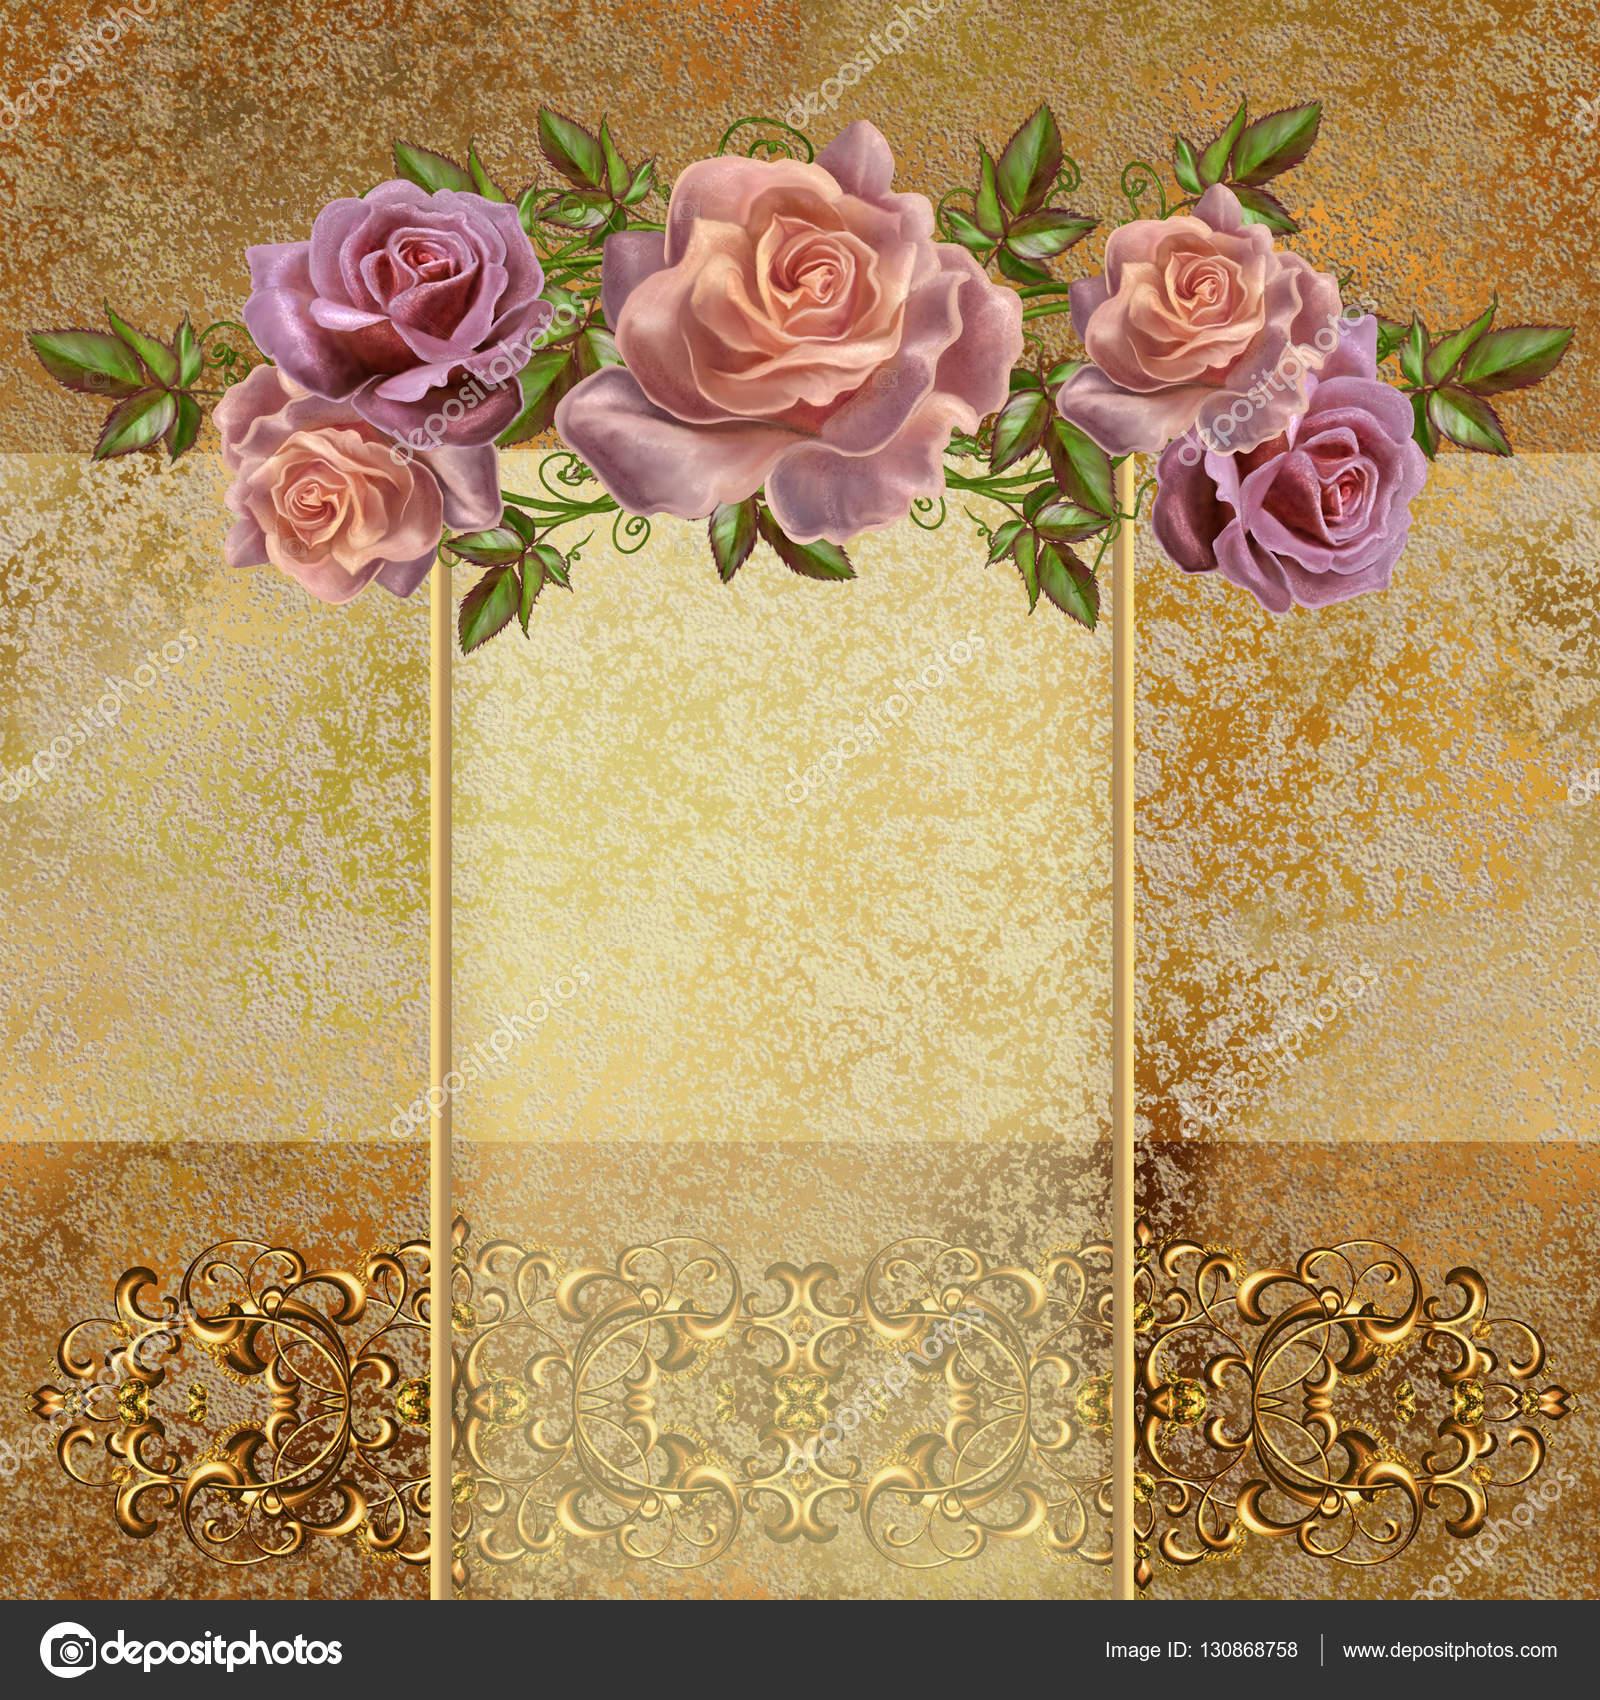 Fondo vintage dorado guirnaldas de flores de rosas pastel for Imagenes retro vintage